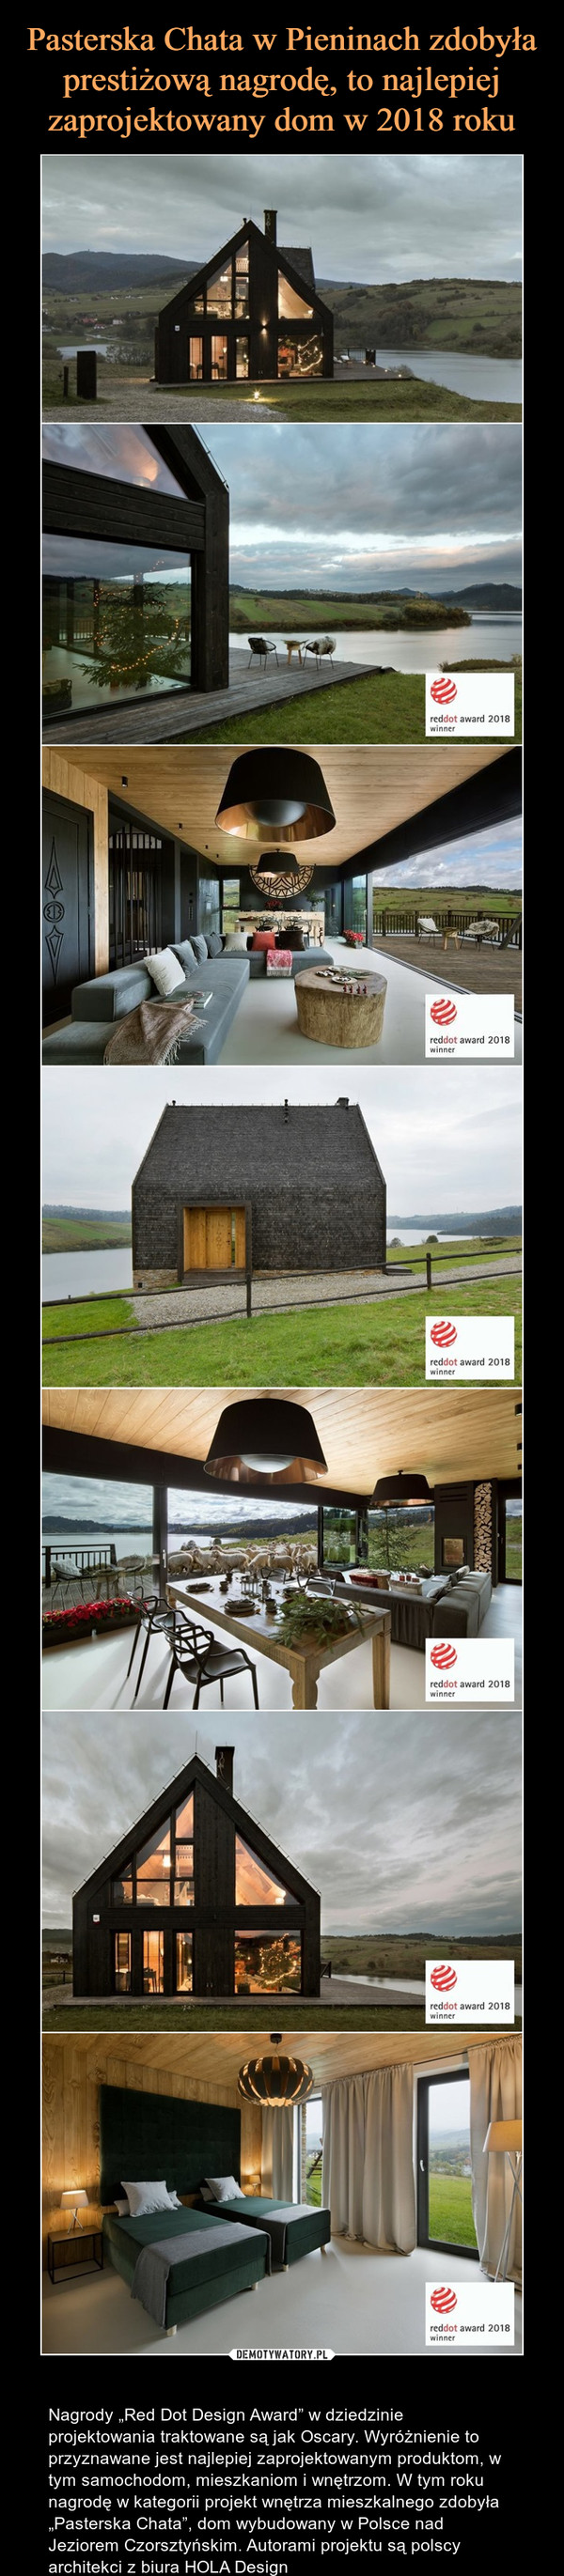 """– Nagrody """"Red Dot Design Award"""" w dziedzinie projektowania traktowane są jak Oscary. Wyróżnienie to przyznawane jest najlepiej zaprojektowanym produktom, w tym samochodom, mieszkaniom i wnętrzom. W tym roku nagrodę w kategorii projekt wnętrza mieszkalnego zdobyła """"Pasterska Chata"""", dom wybudowany w Polsce nad Jeziorem Czorsztyńskim. Autorami projektu są polscy architekci z biura HOLA Design"""